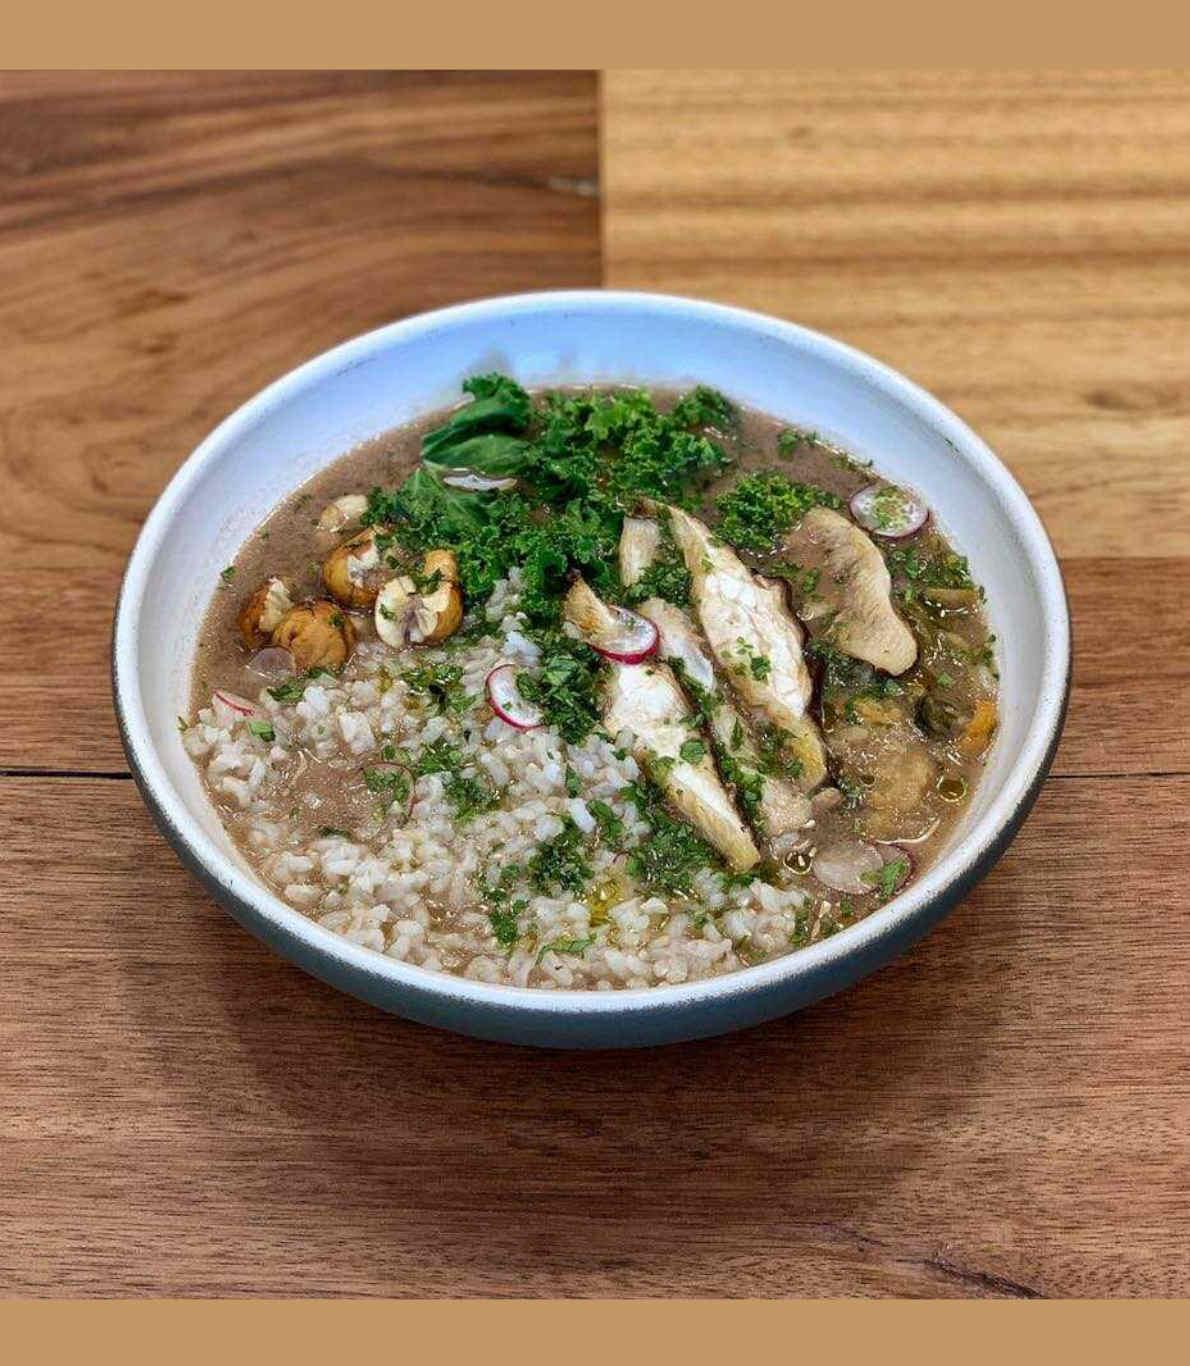 Prato de comida 100% proveniente de vegetais, em cima de uma mesa de madeira. Contém cogumelos shiitakke, arroz e ervas.